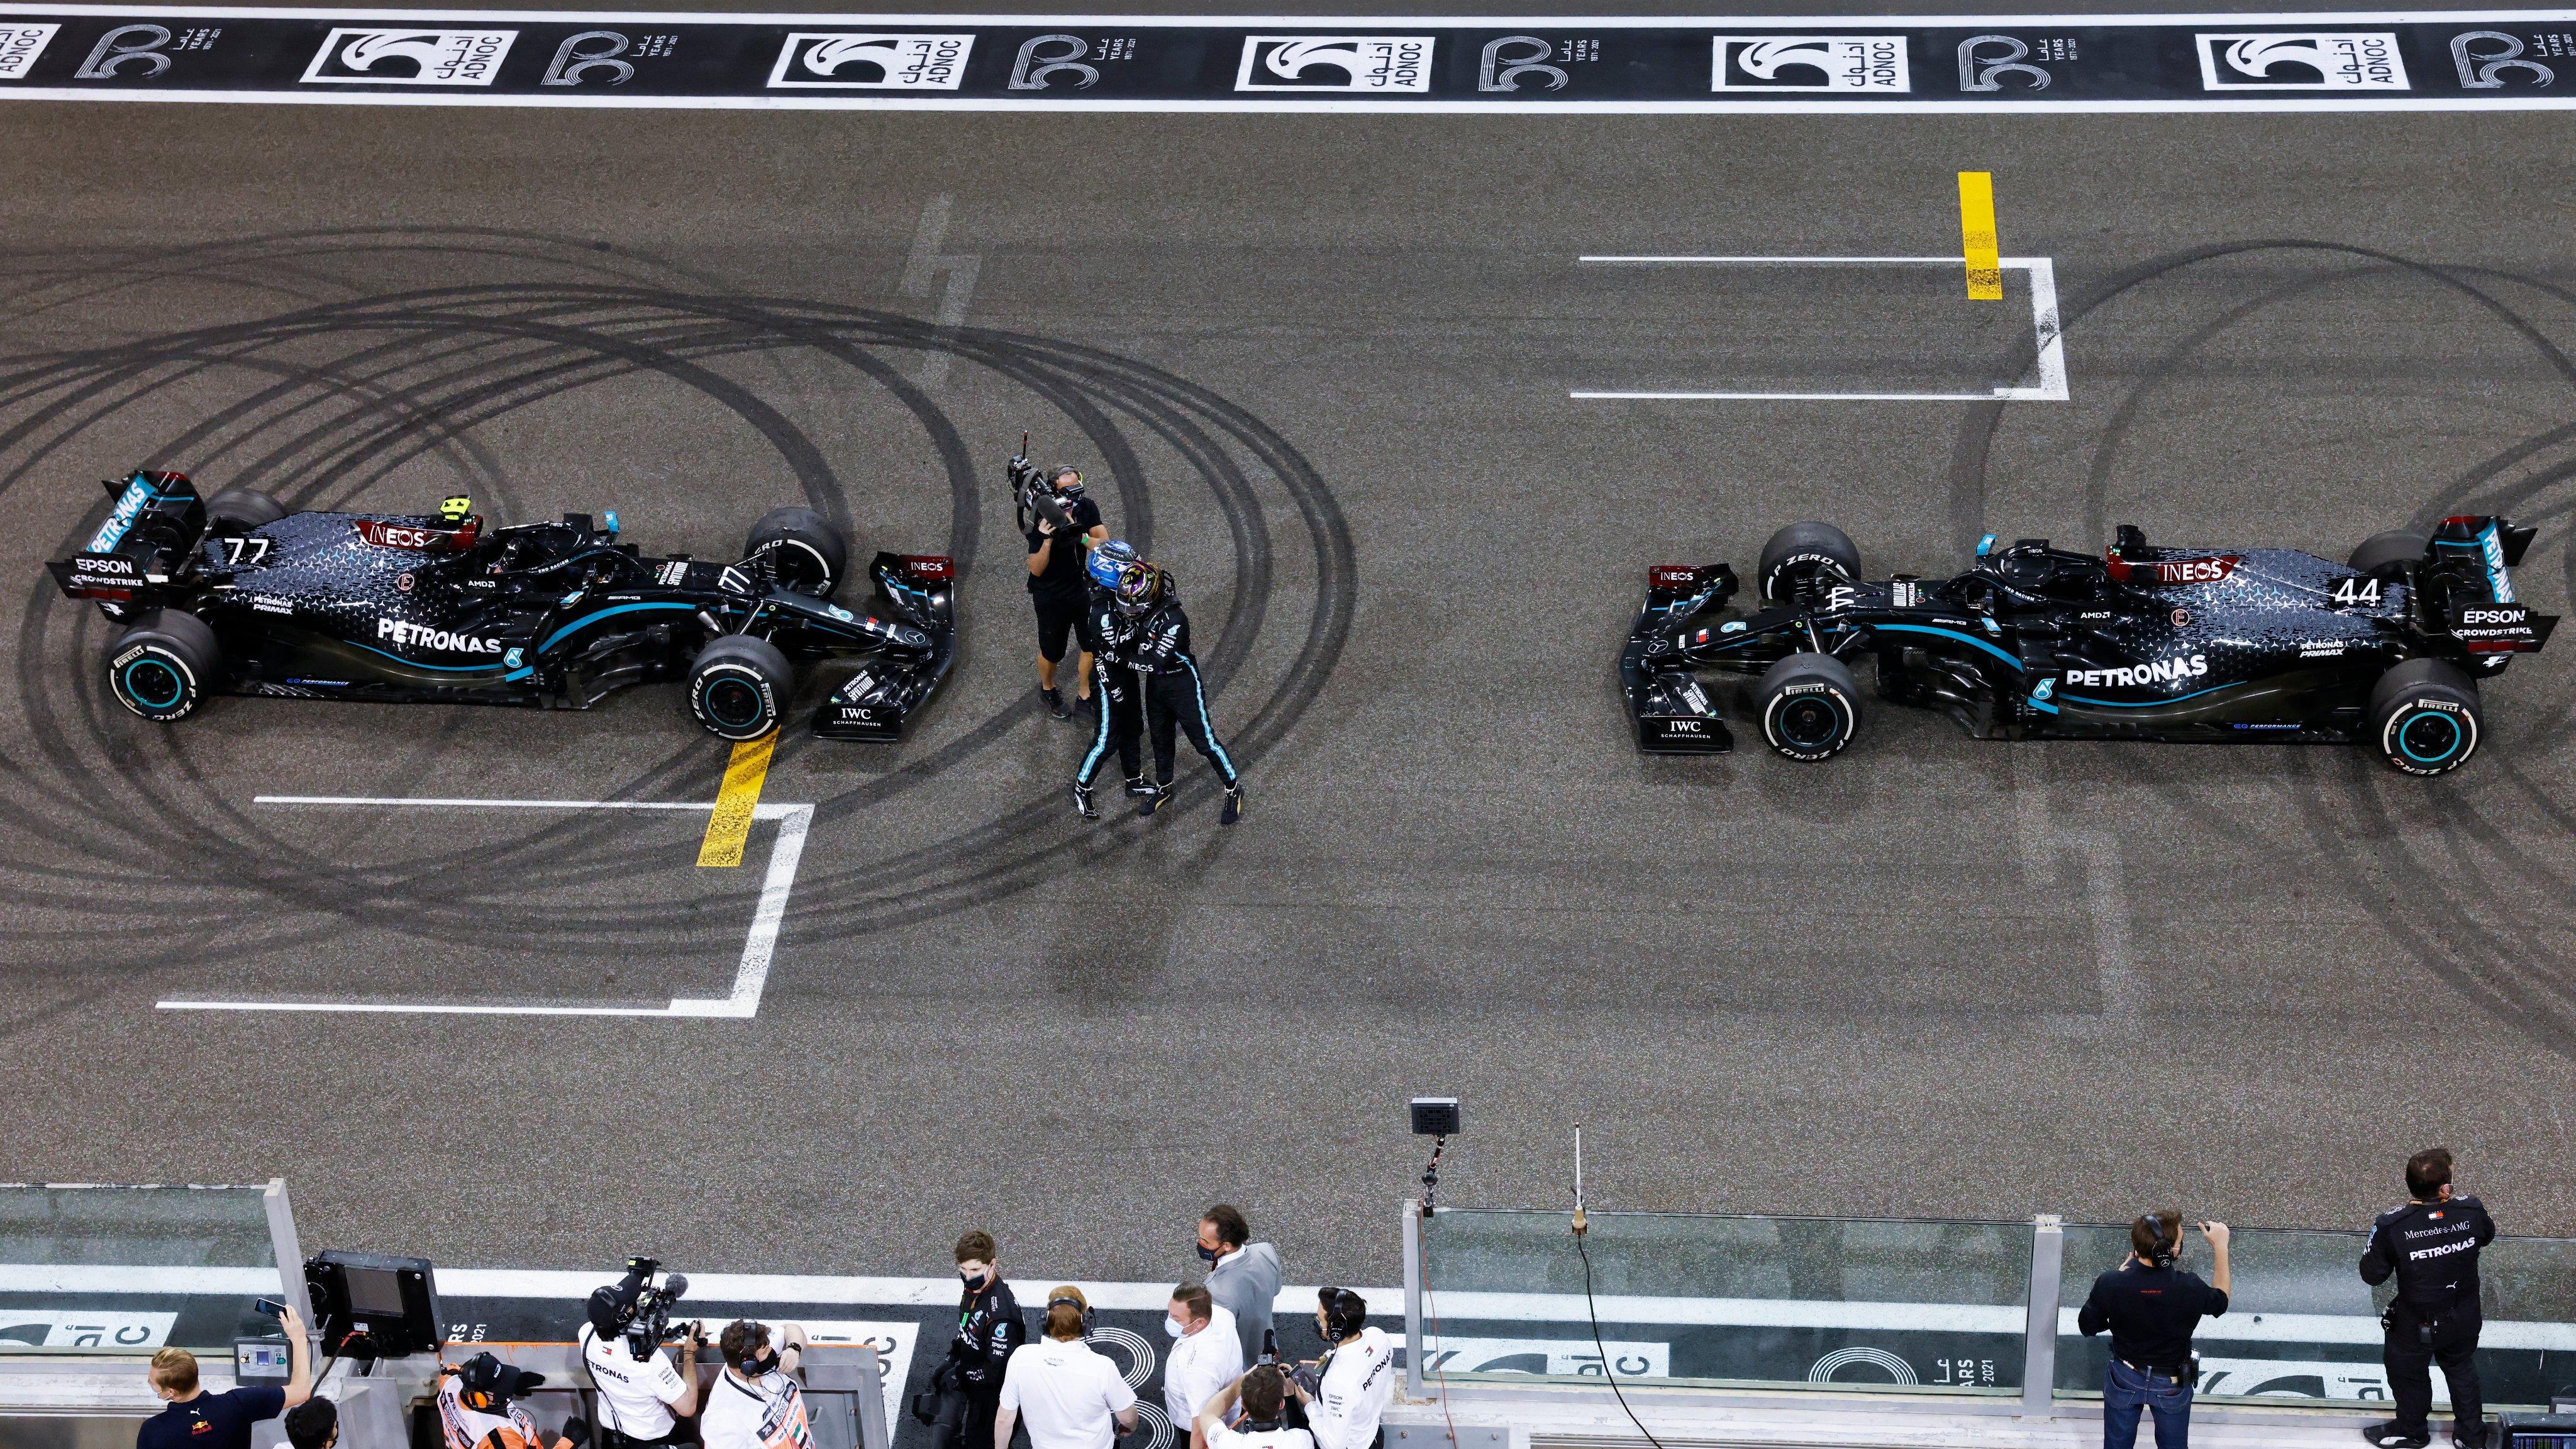 GP Abu Dhabi Mercedes